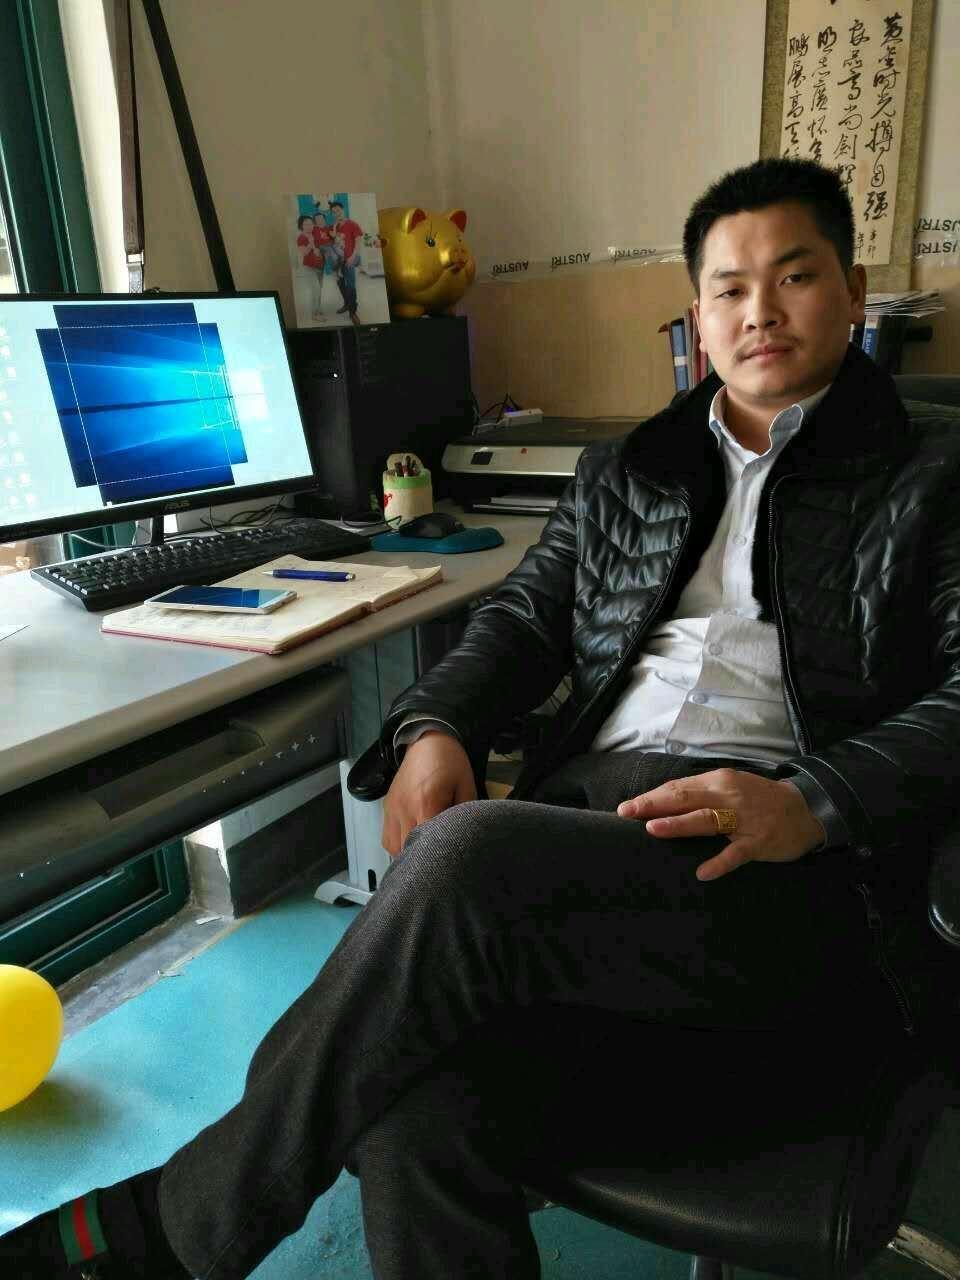 上海到海南直辖县物流专线(上海超猛物流有限公司)